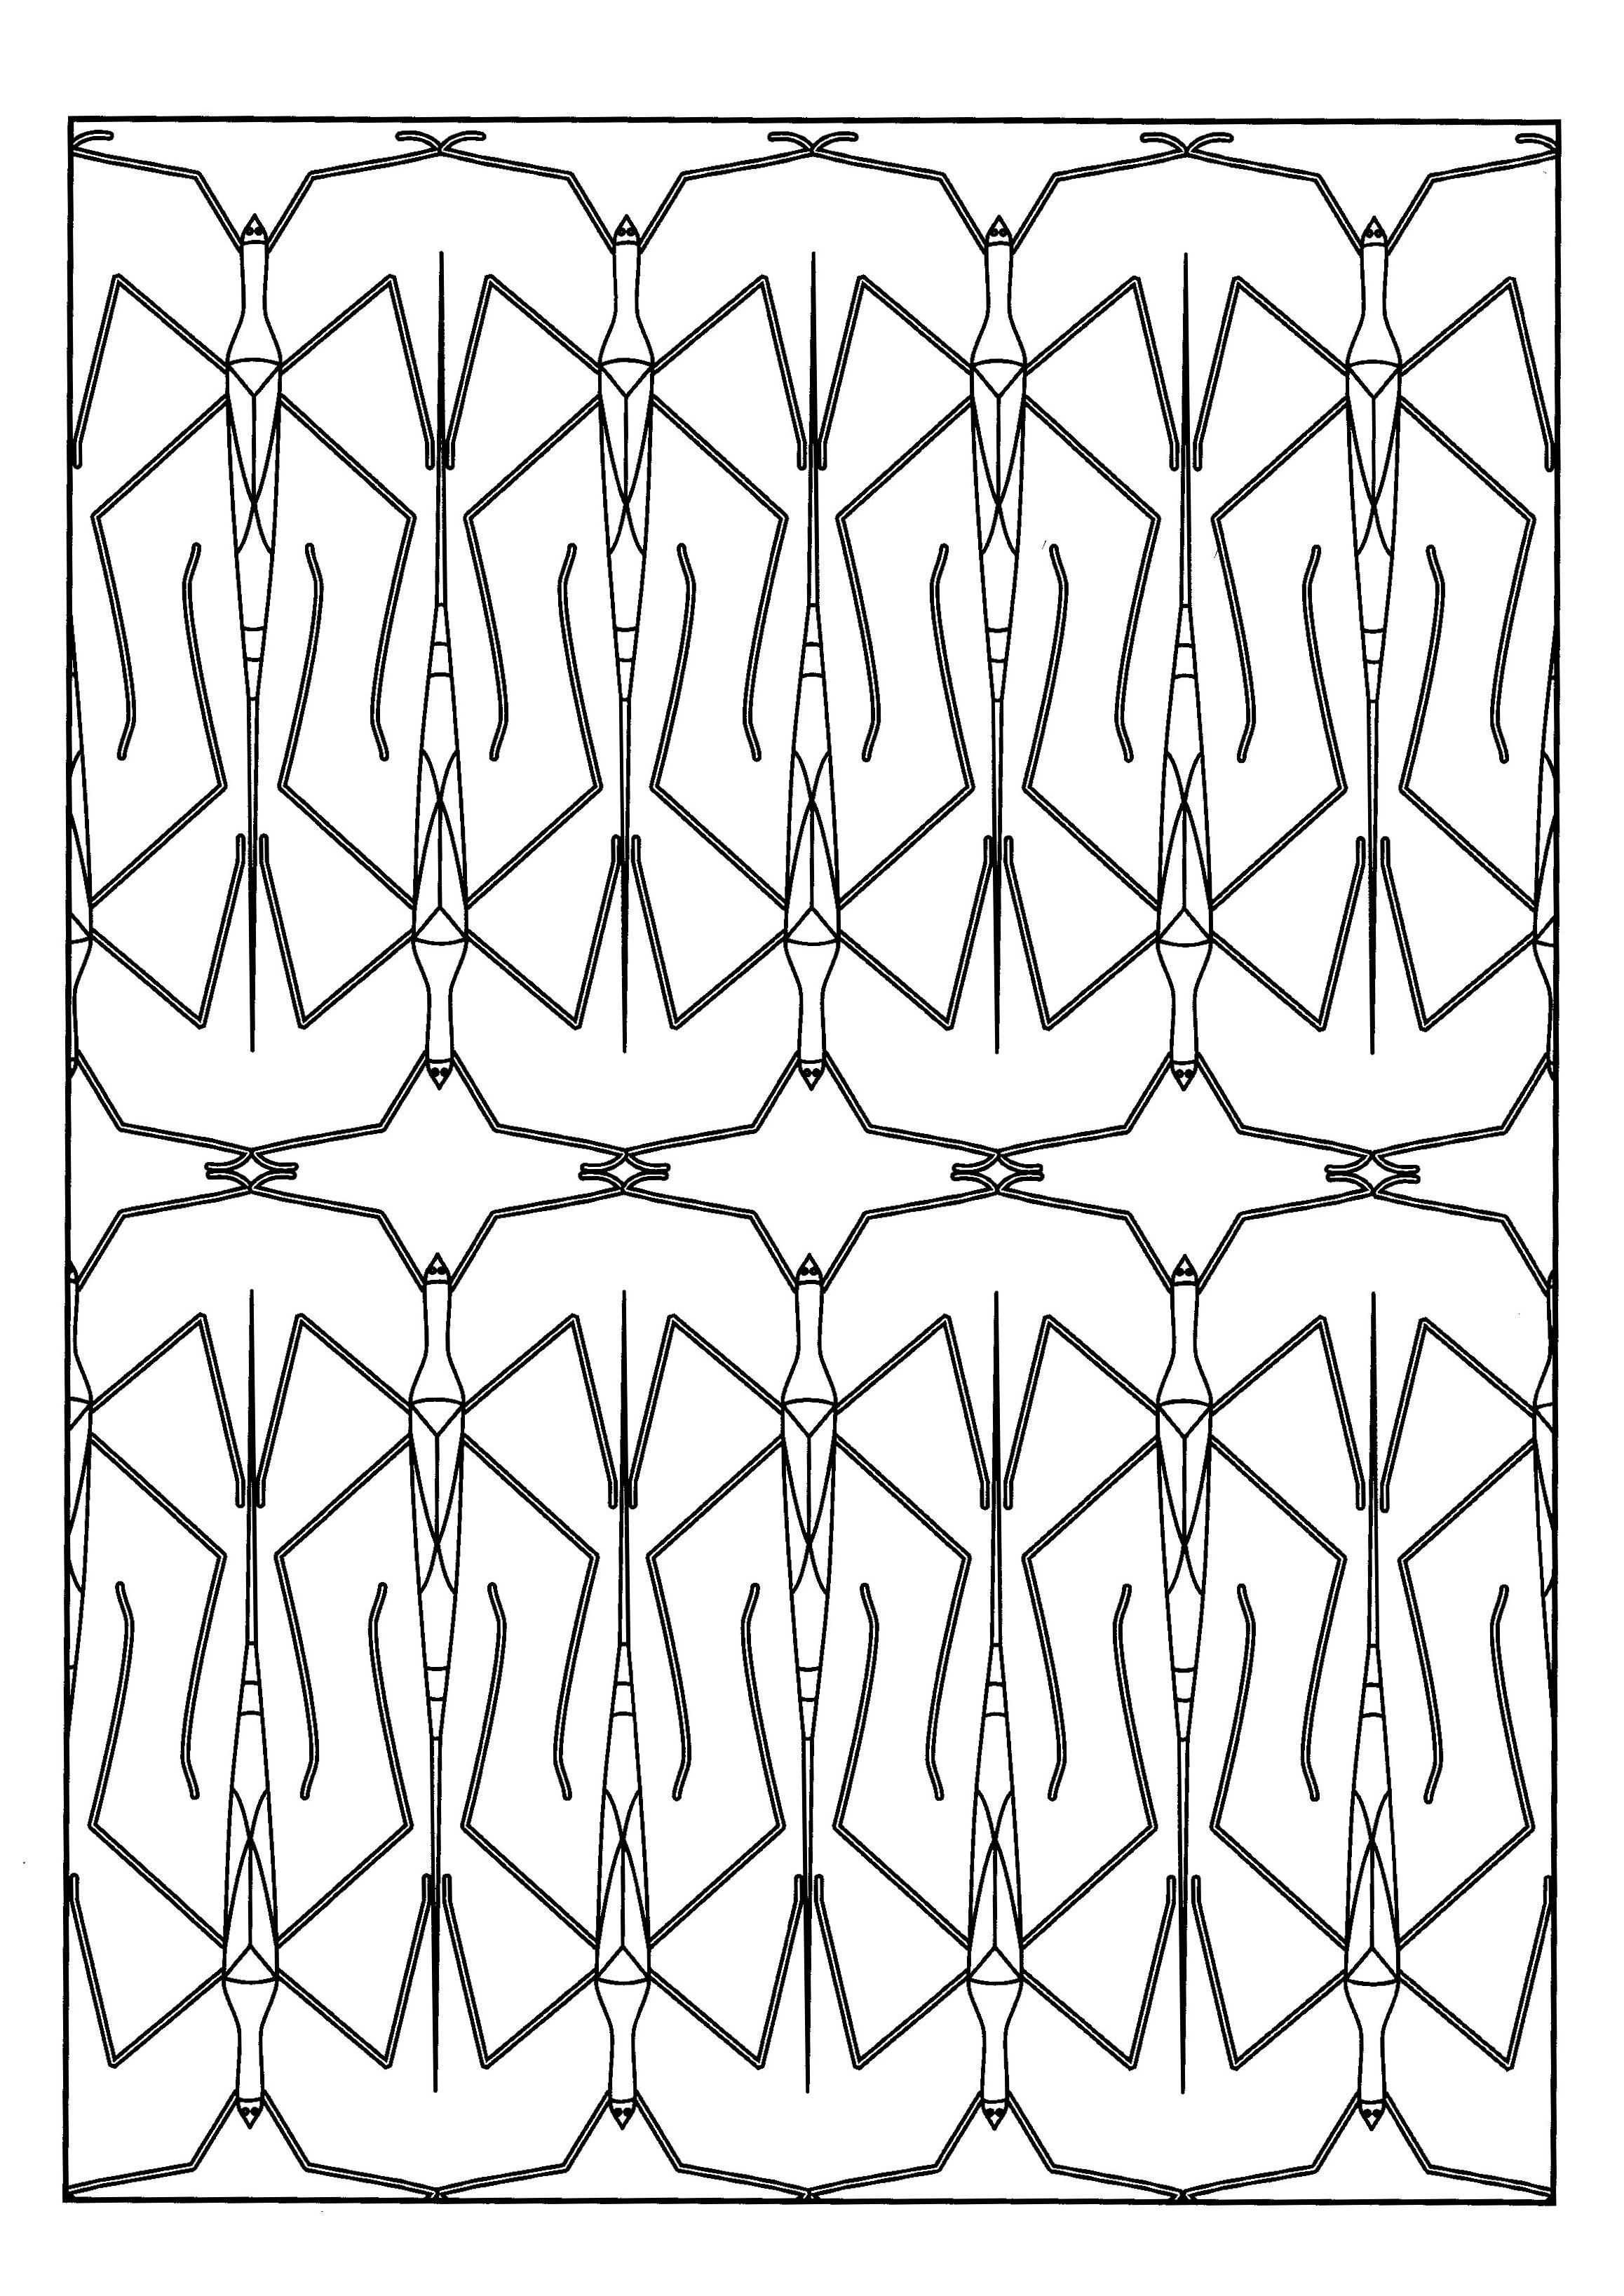 Colorear para adultos : Insectos - 12